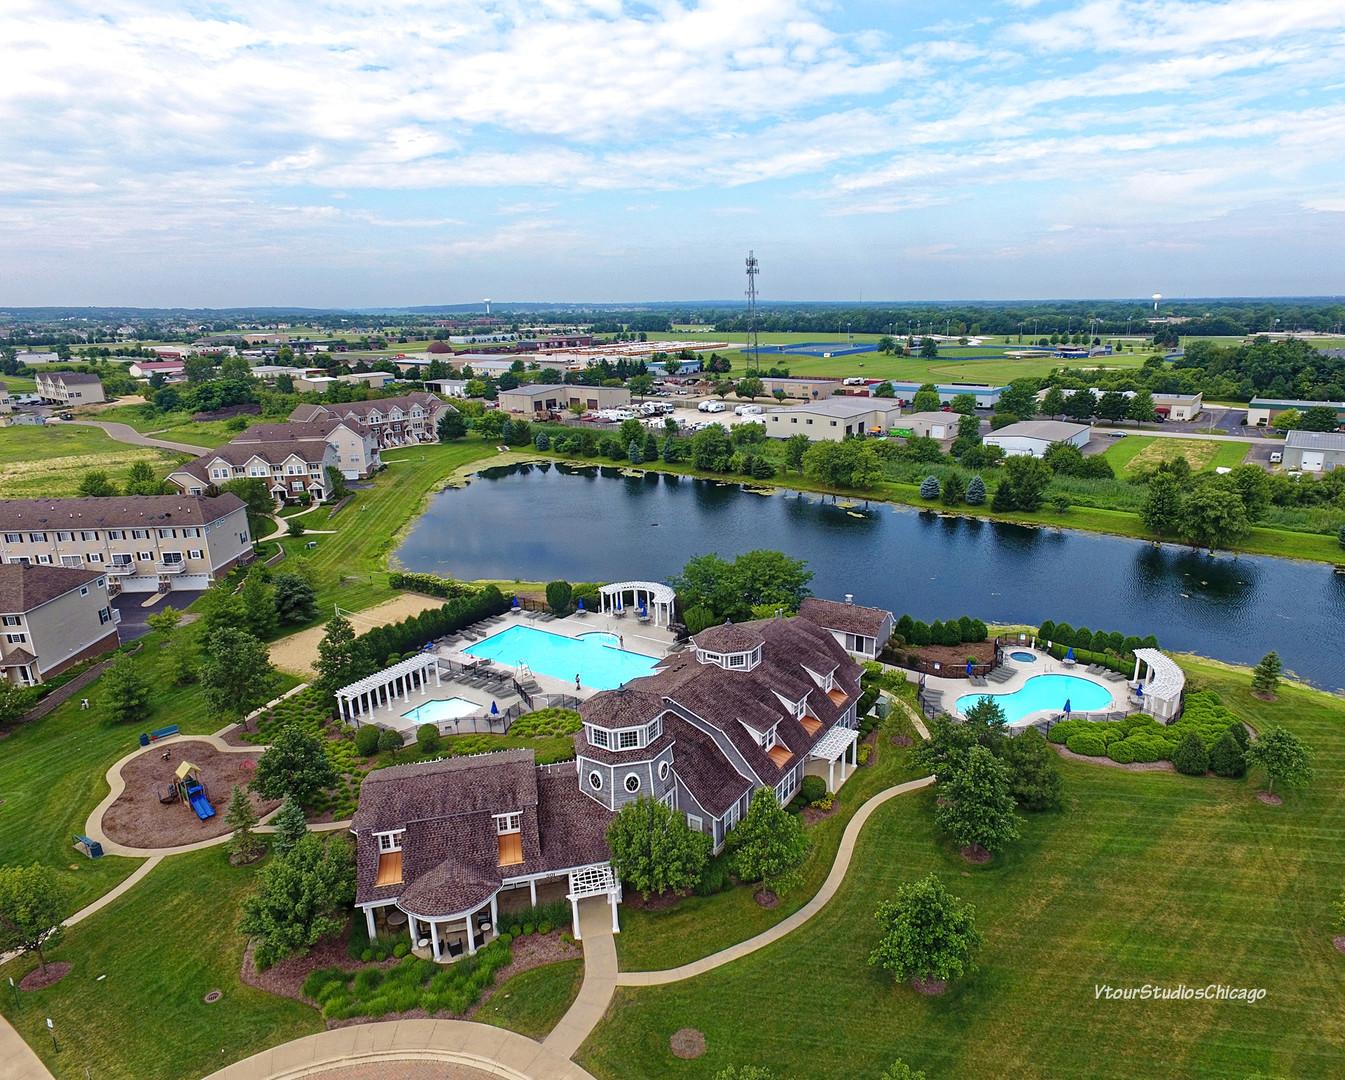 700 Springside, Oswego, Illinois, 60543